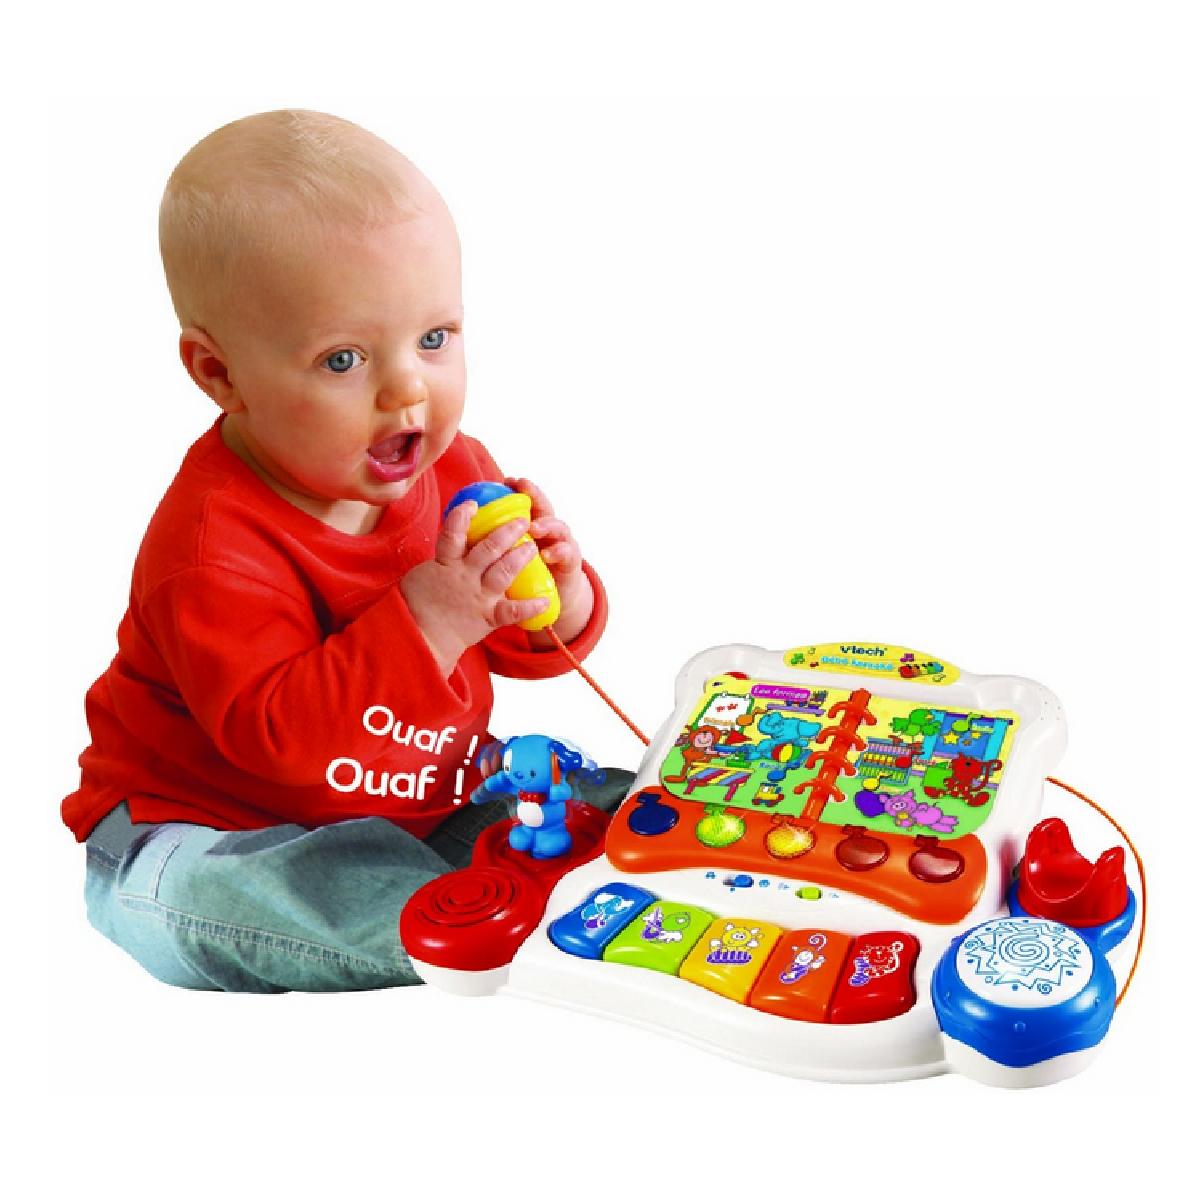 Quels Jouets D'activités Préférer Pour Le Bébé De 12 Mois encequiconcerne Jeux Pour Bebe Gratuit